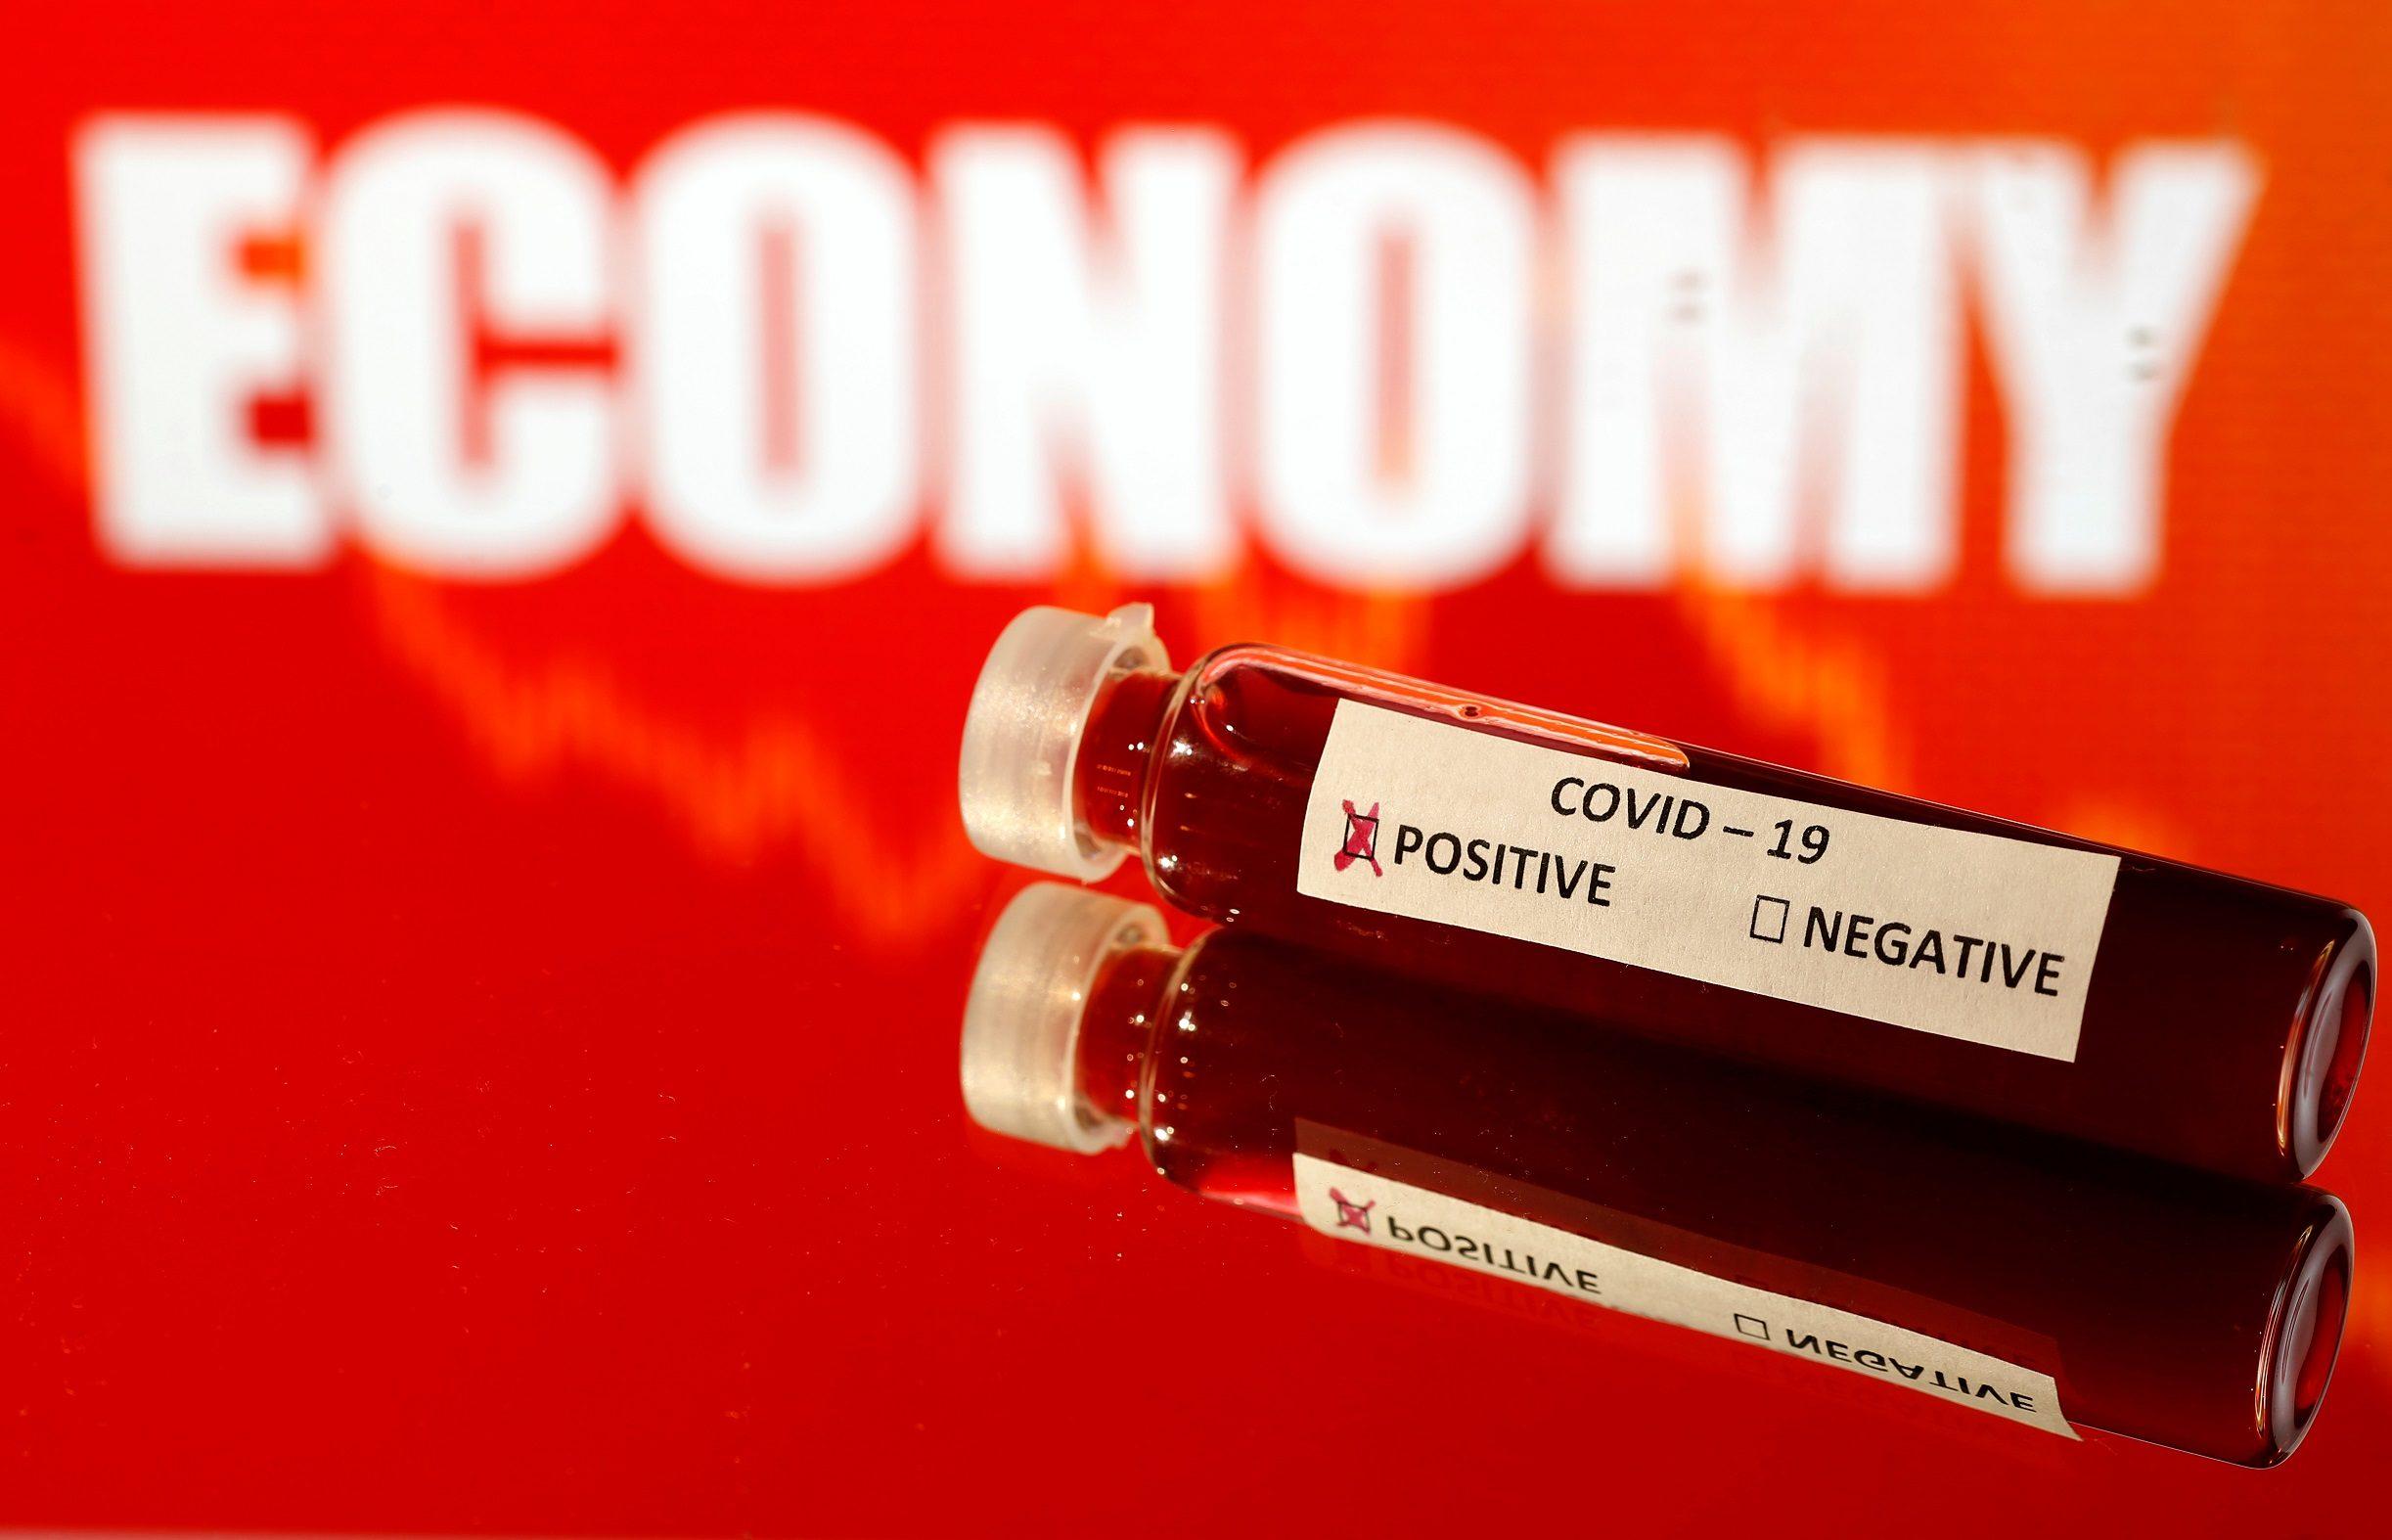 ประสานองค์กรการเงินทั่วโลก บรรเทาผลกระทบทางเศรษฐกิจจากการระบาดของโควิด-19